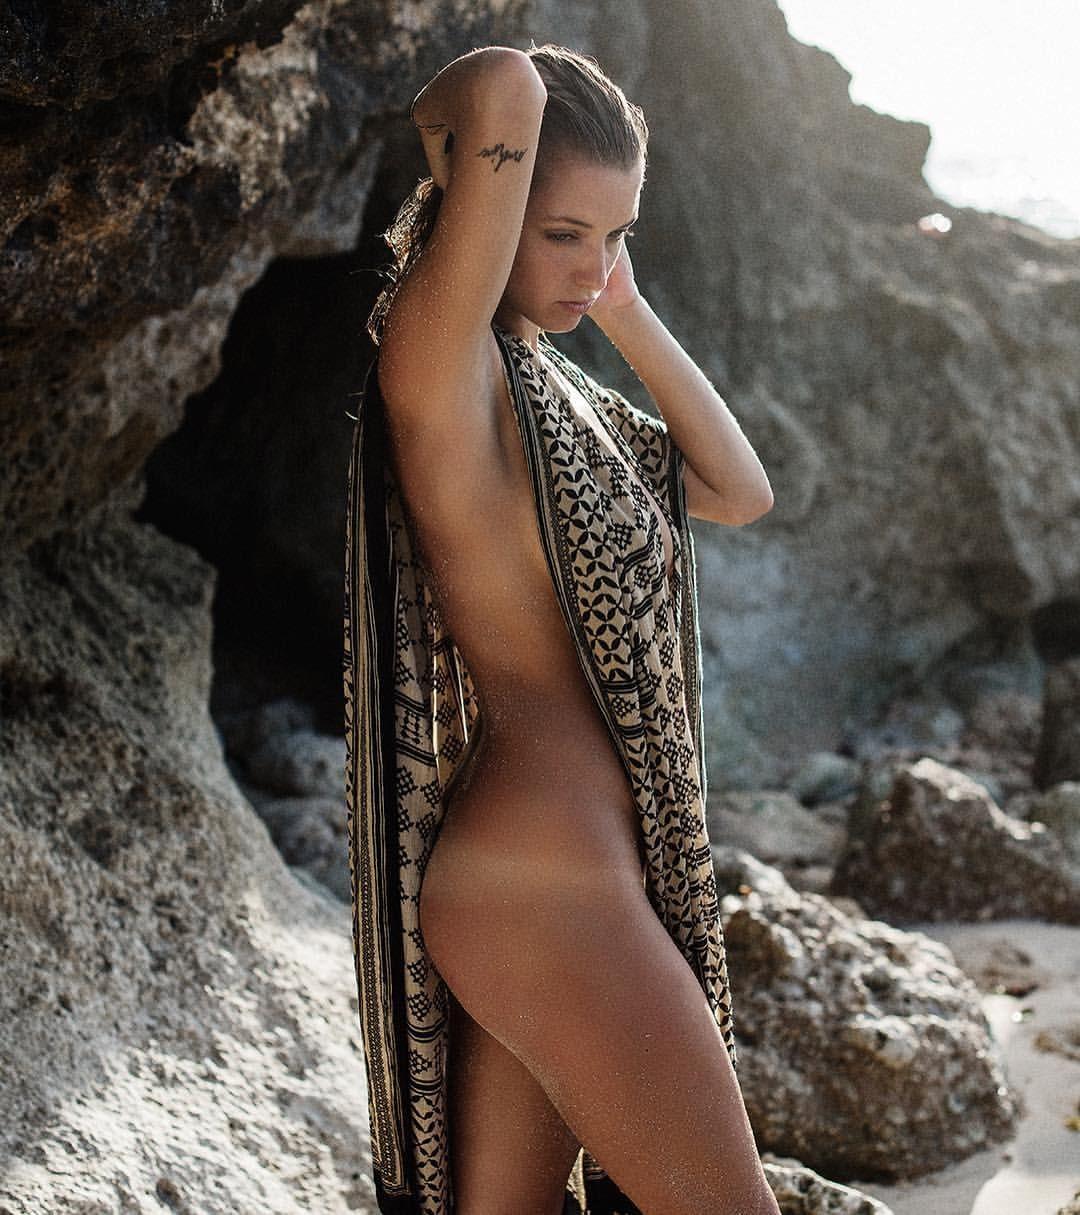 Alyssa arce fappening naked (85 pics)